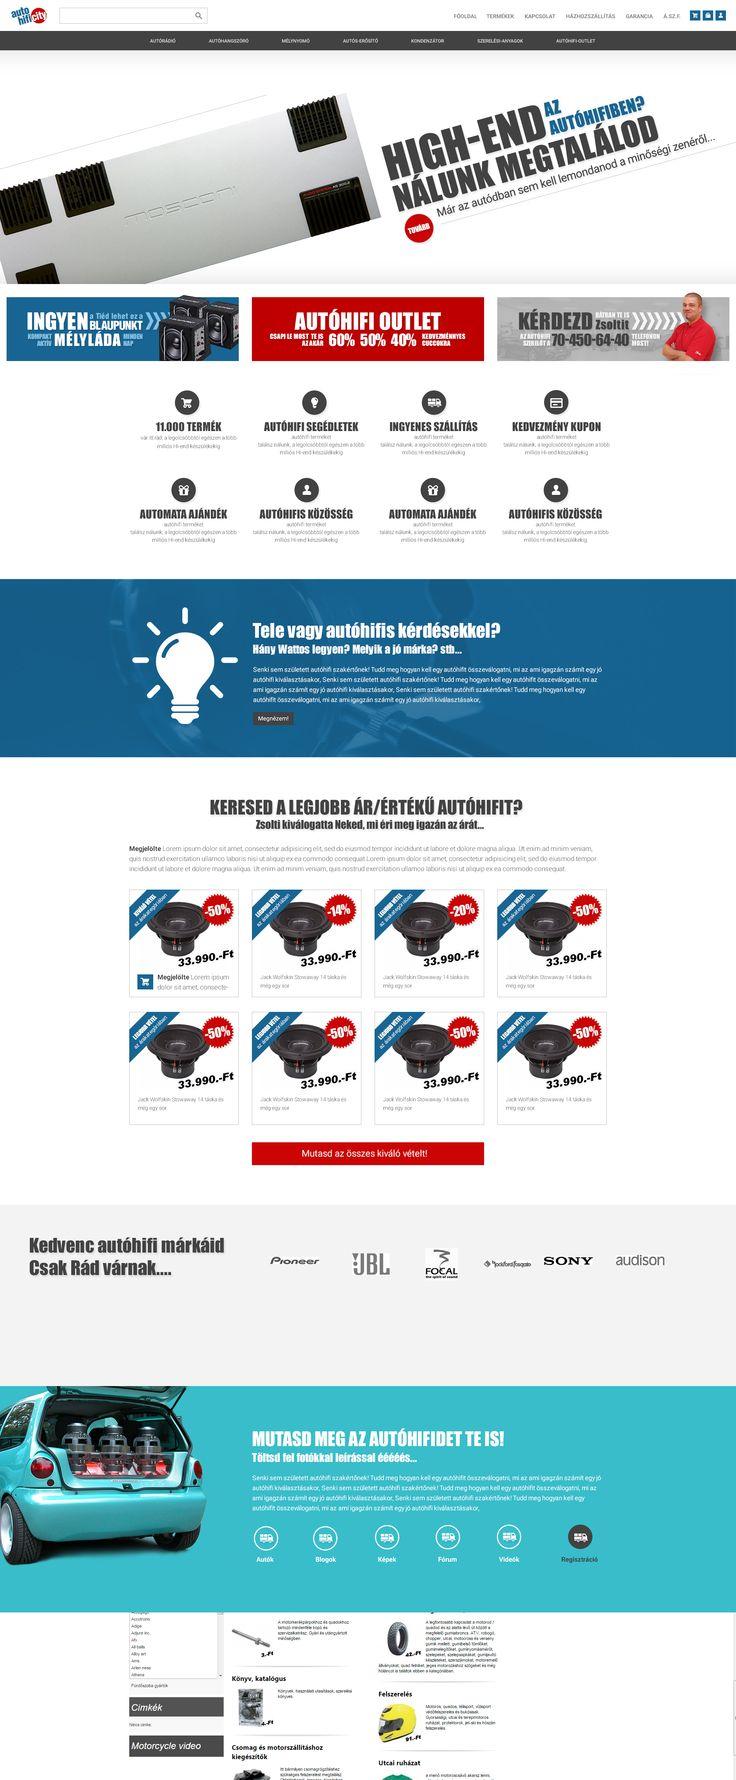 Autóhifi webáruház design